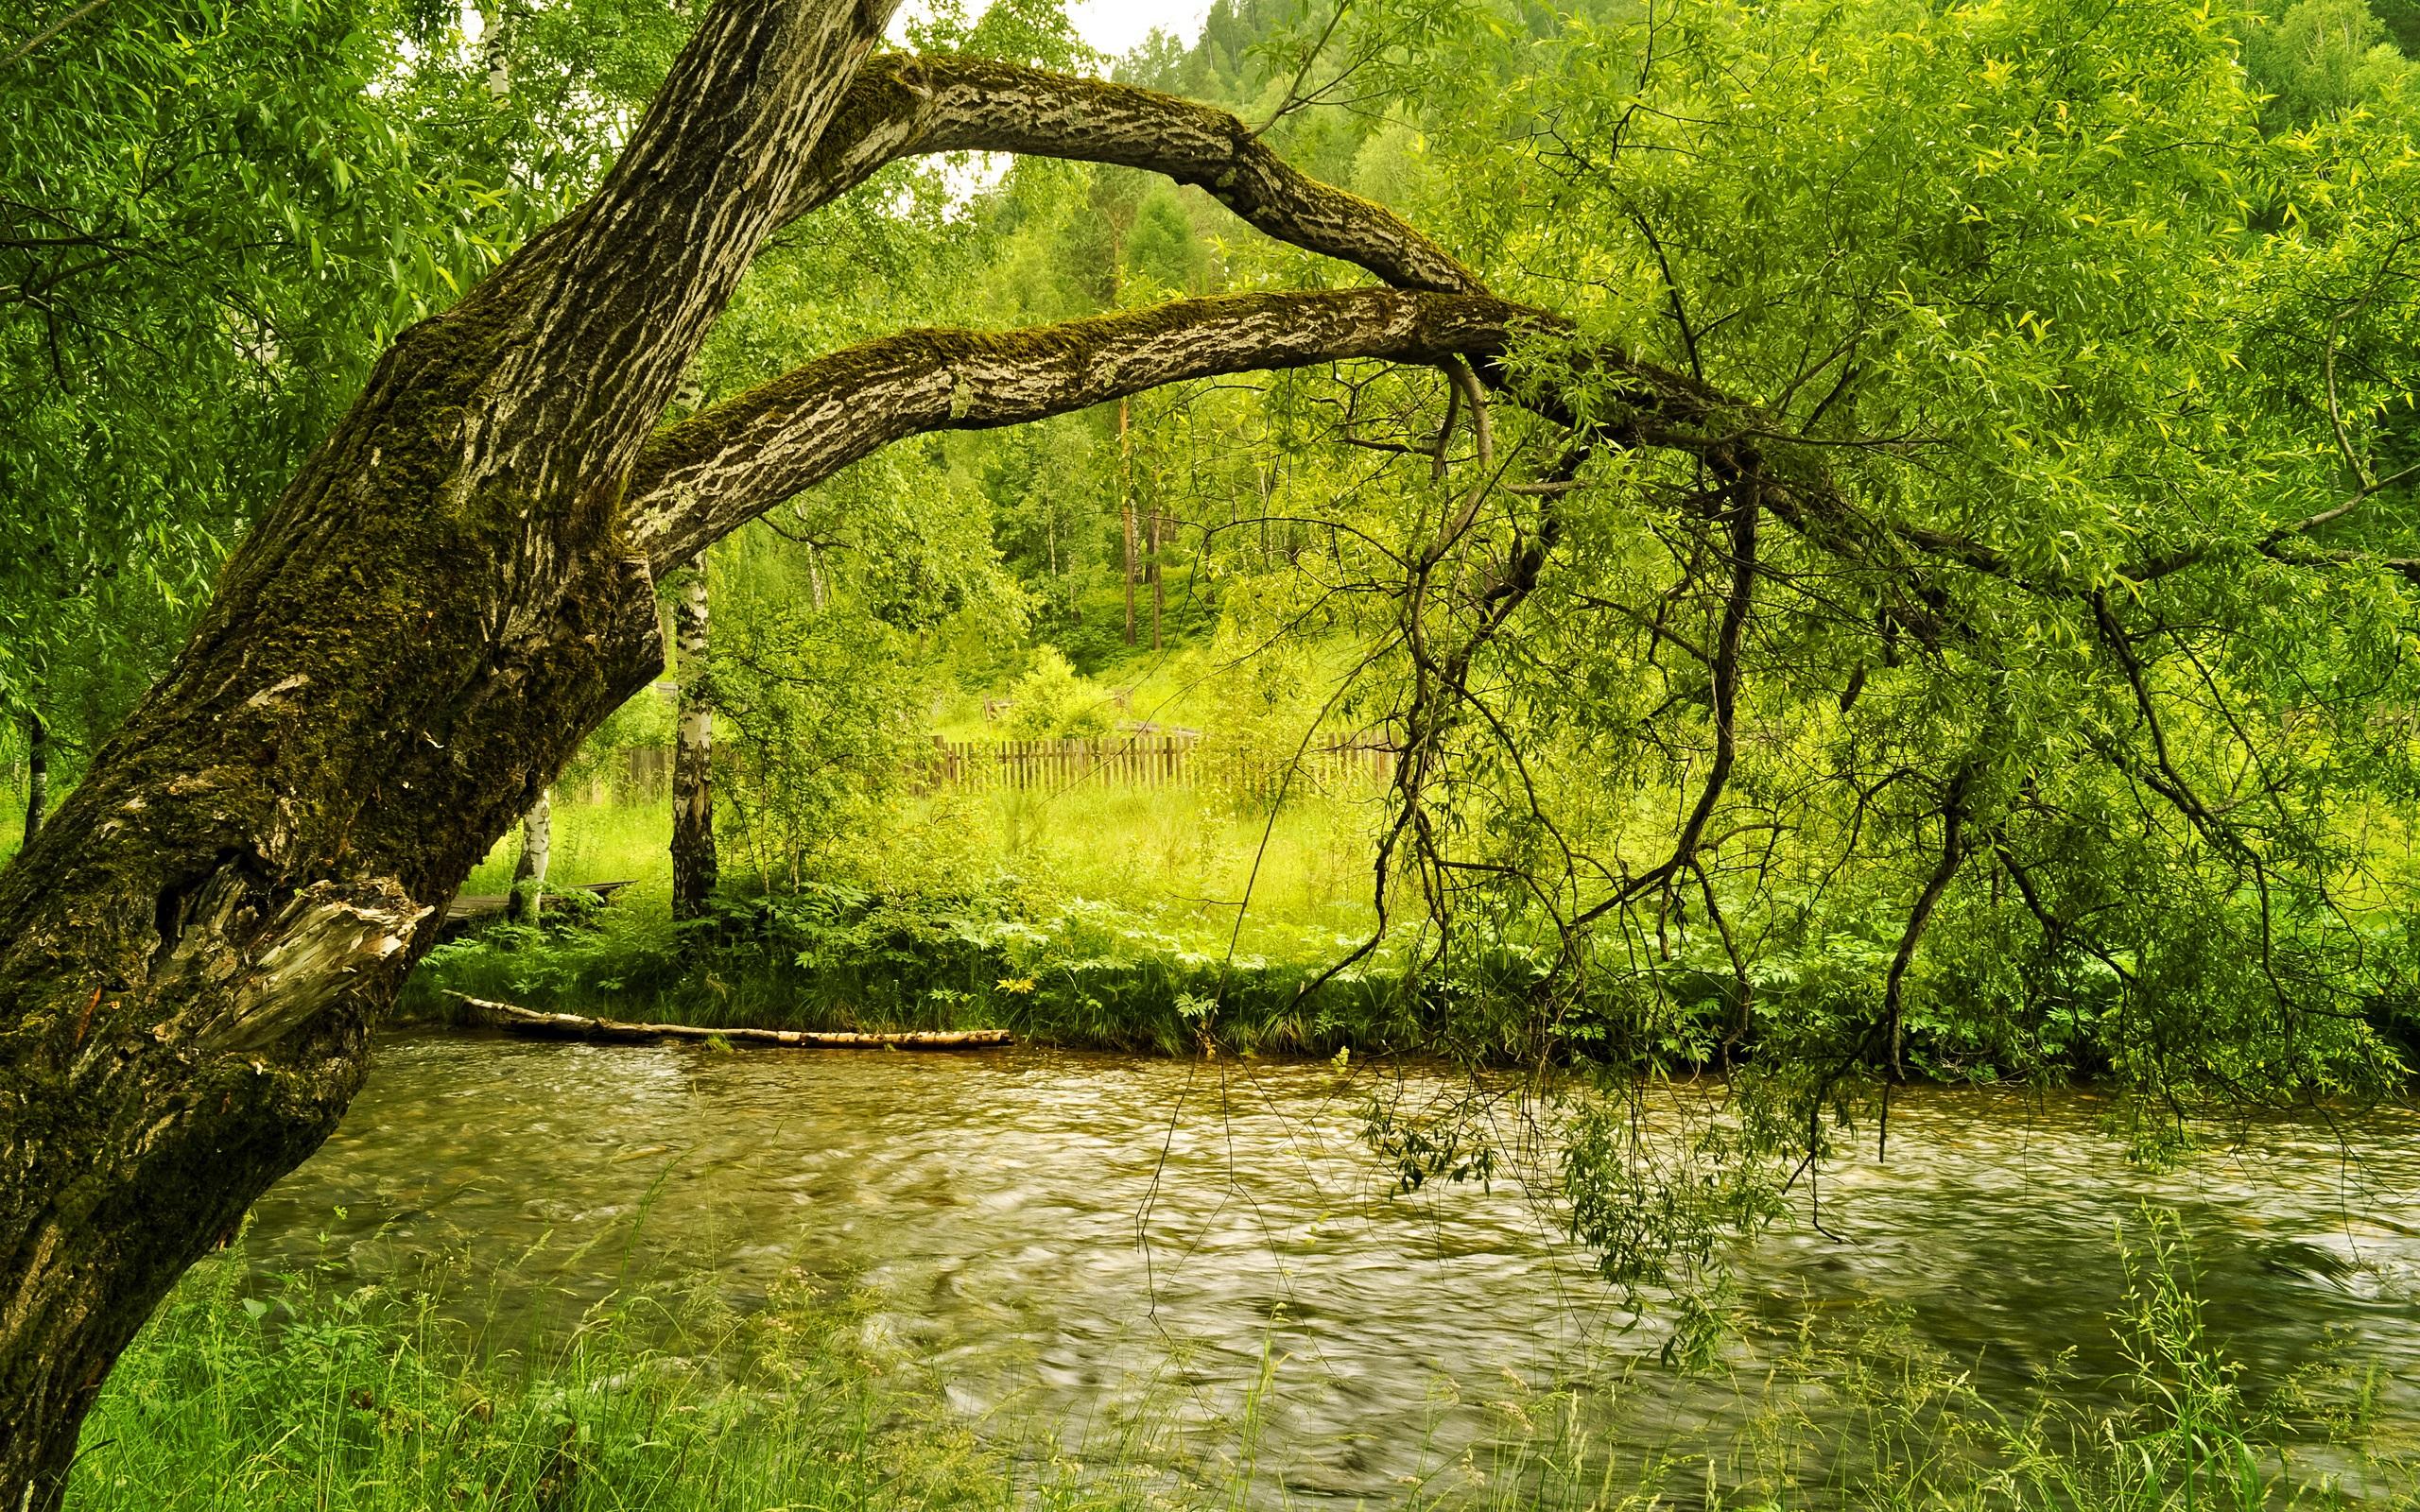 накренившееся над речкой дерево  № 1217030 бесплатно